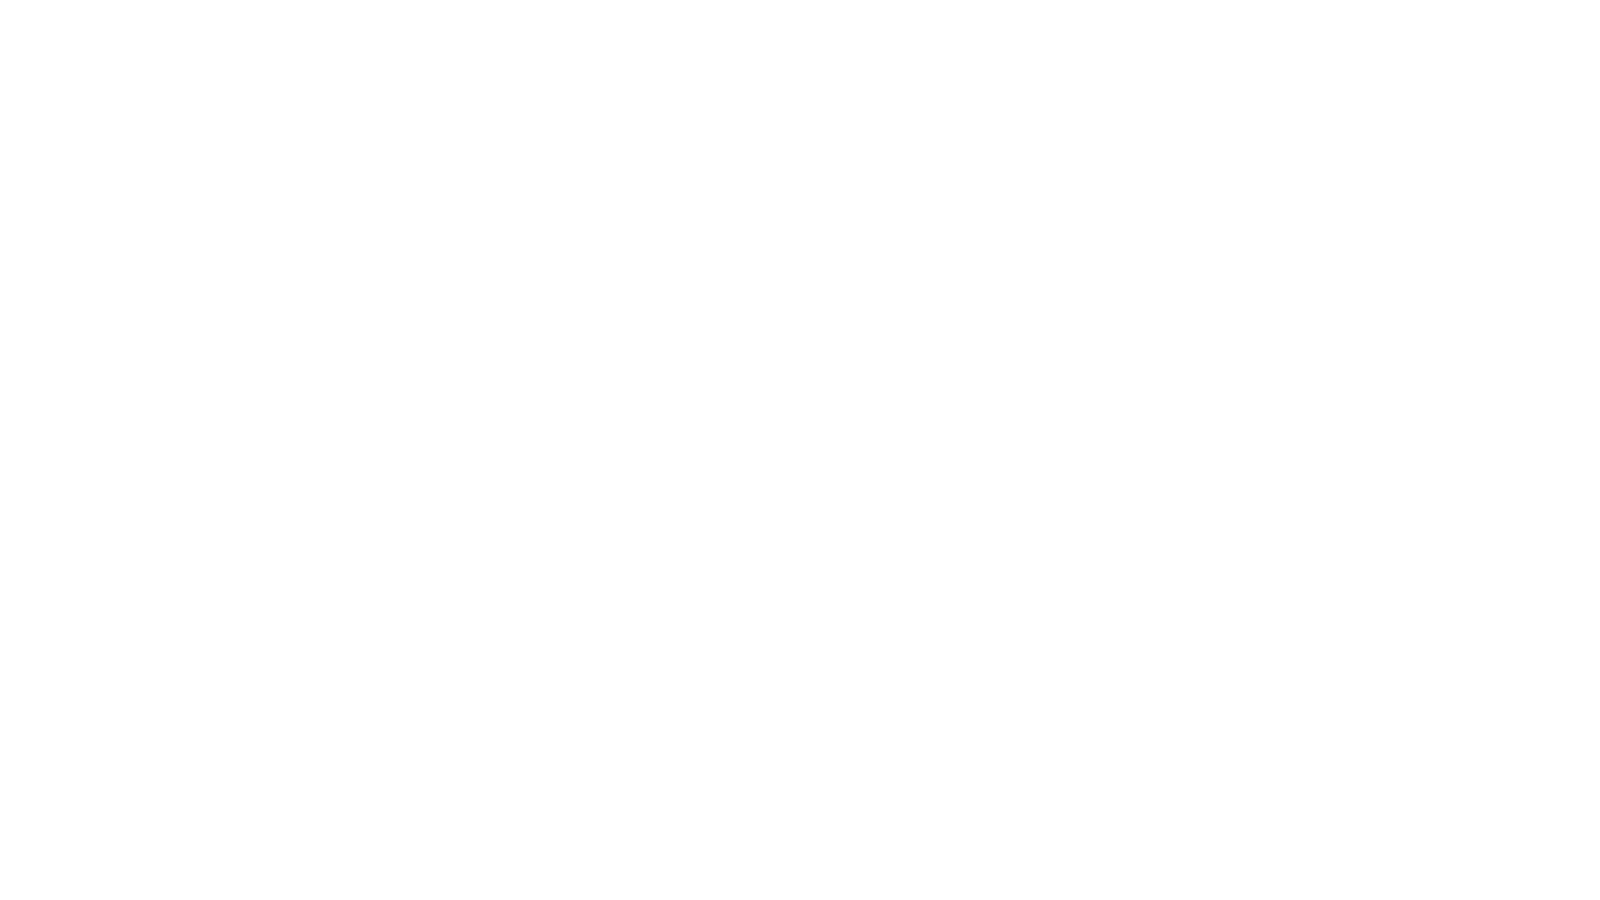 Fragment van Mark van de Veerdonk uit de show KaasKleum (2015-2017)